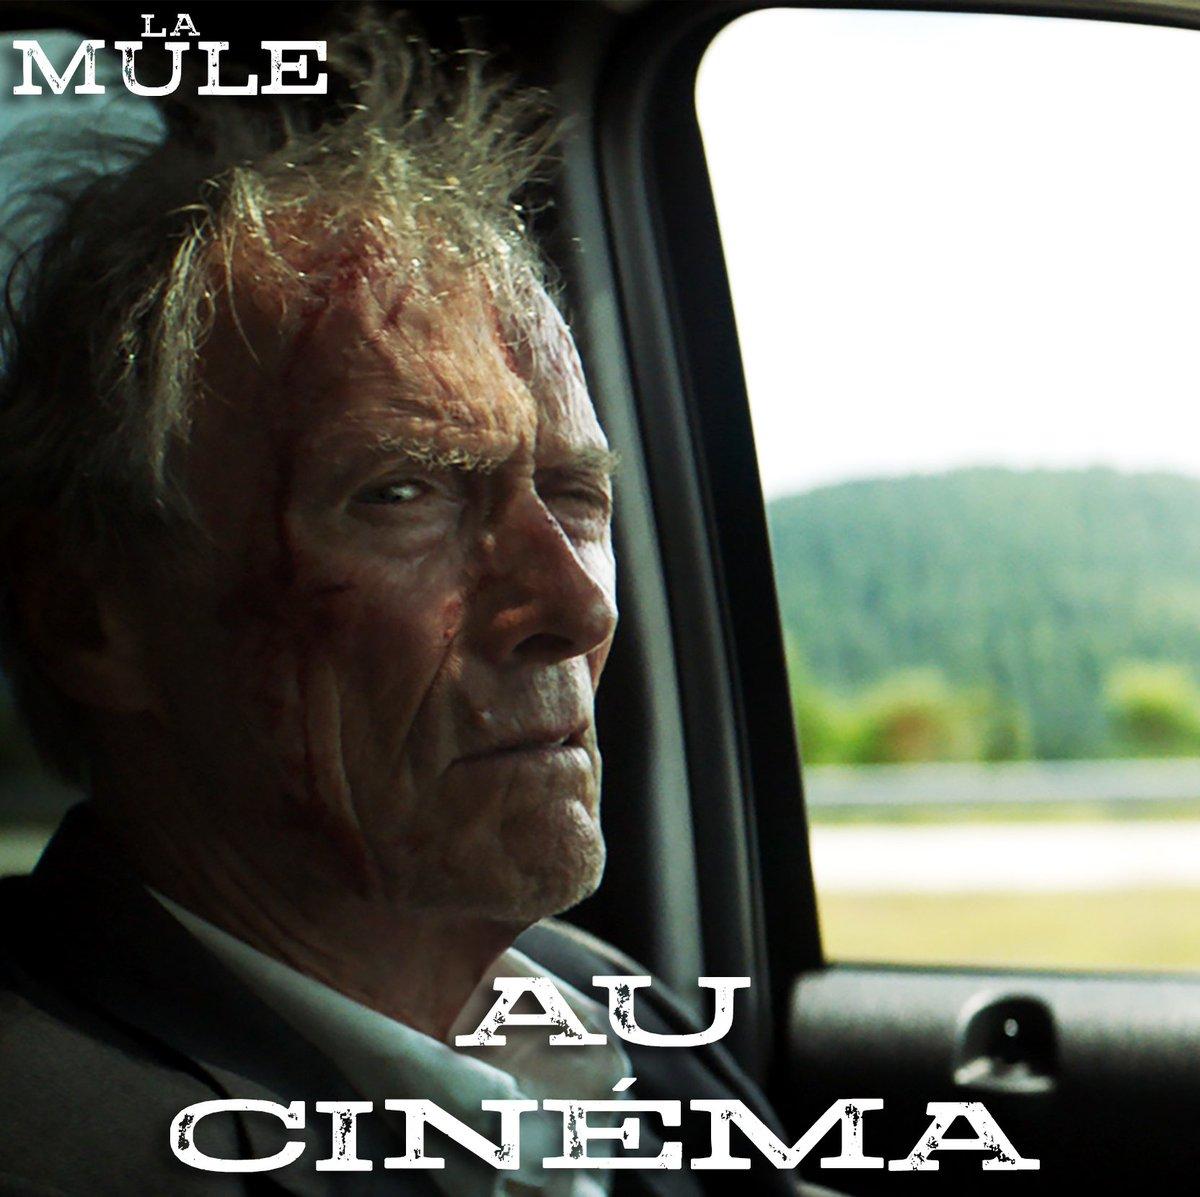 Clint Eastwood livre la vertigineuse histoire vraie du plus vieux passeur de drogue de l'histoire des Etats-Unis. #LaMule aujourd'hui au cinéma